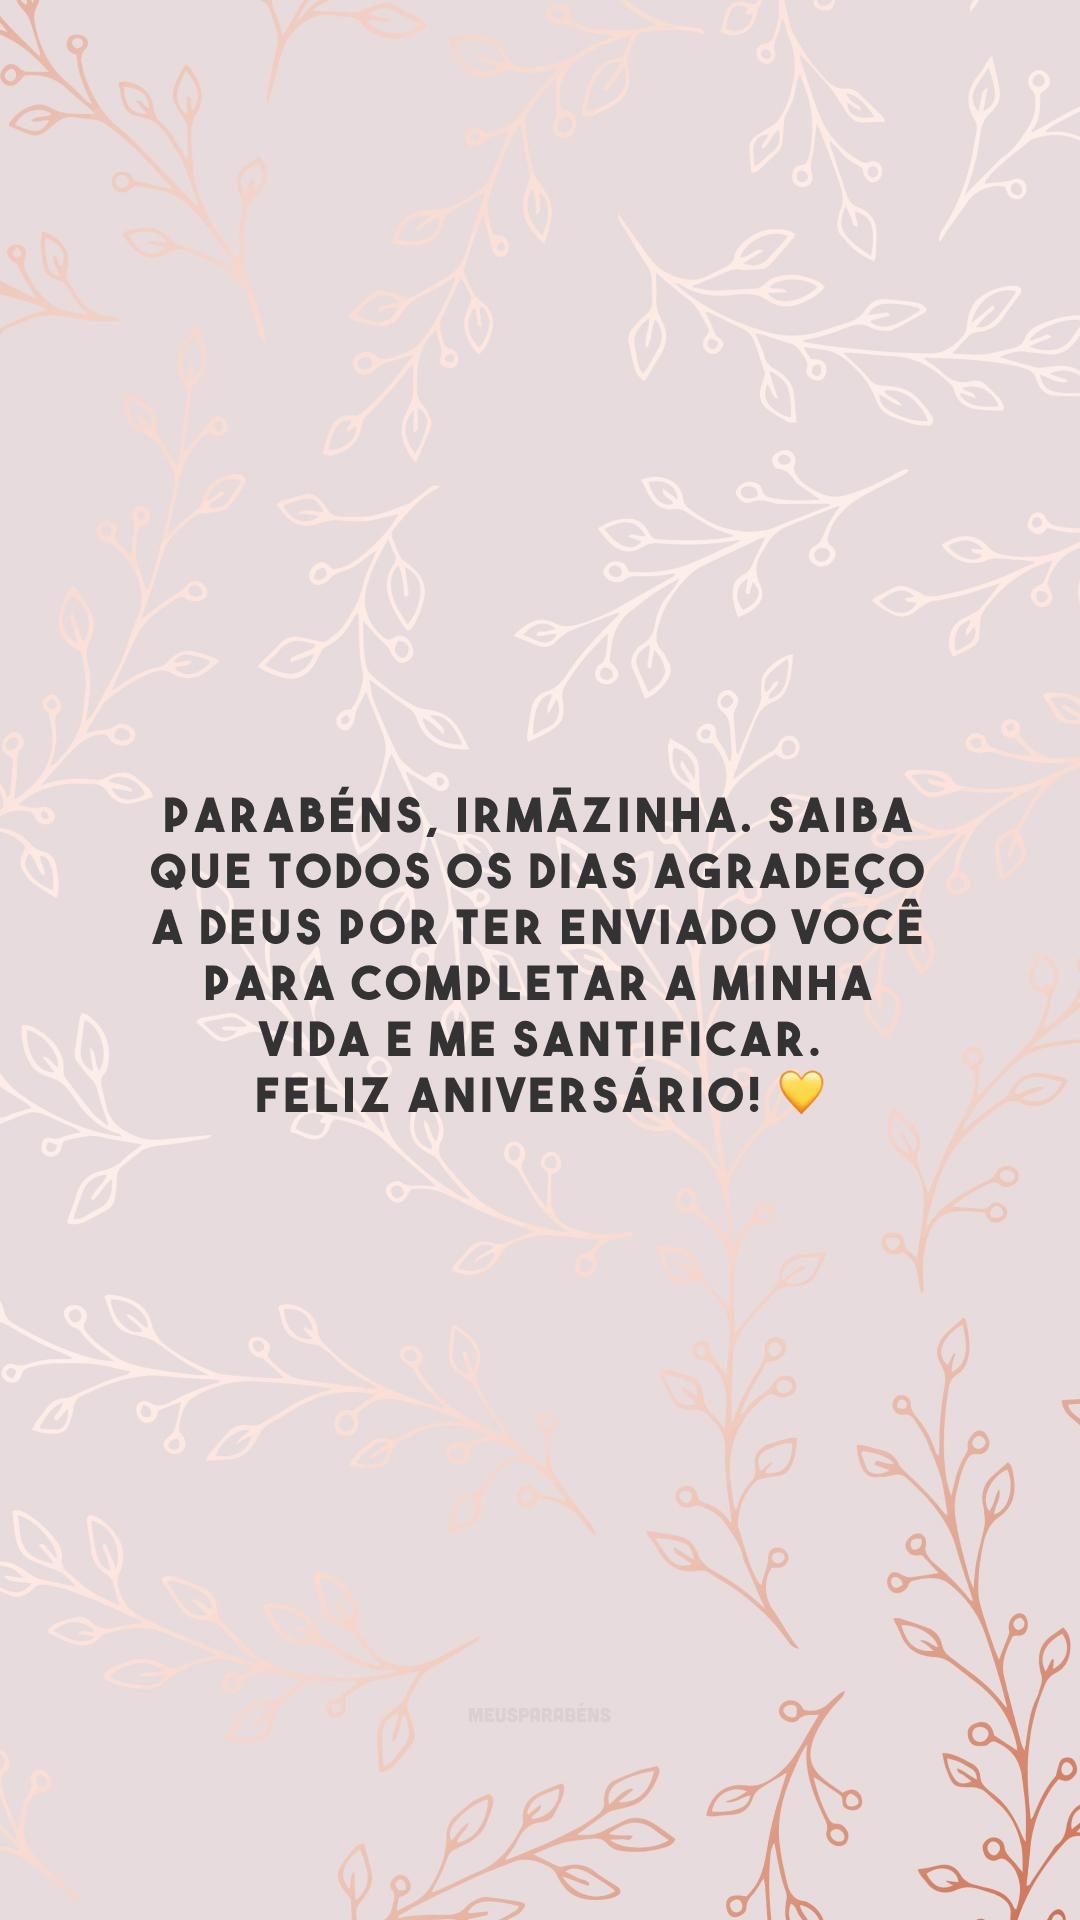 Parabéns, irmãzinha. Saiba que todos os dias agradeço a Deus por ter enviado você para completar a minha vida e me santificar. Feliz aniversário! 💛